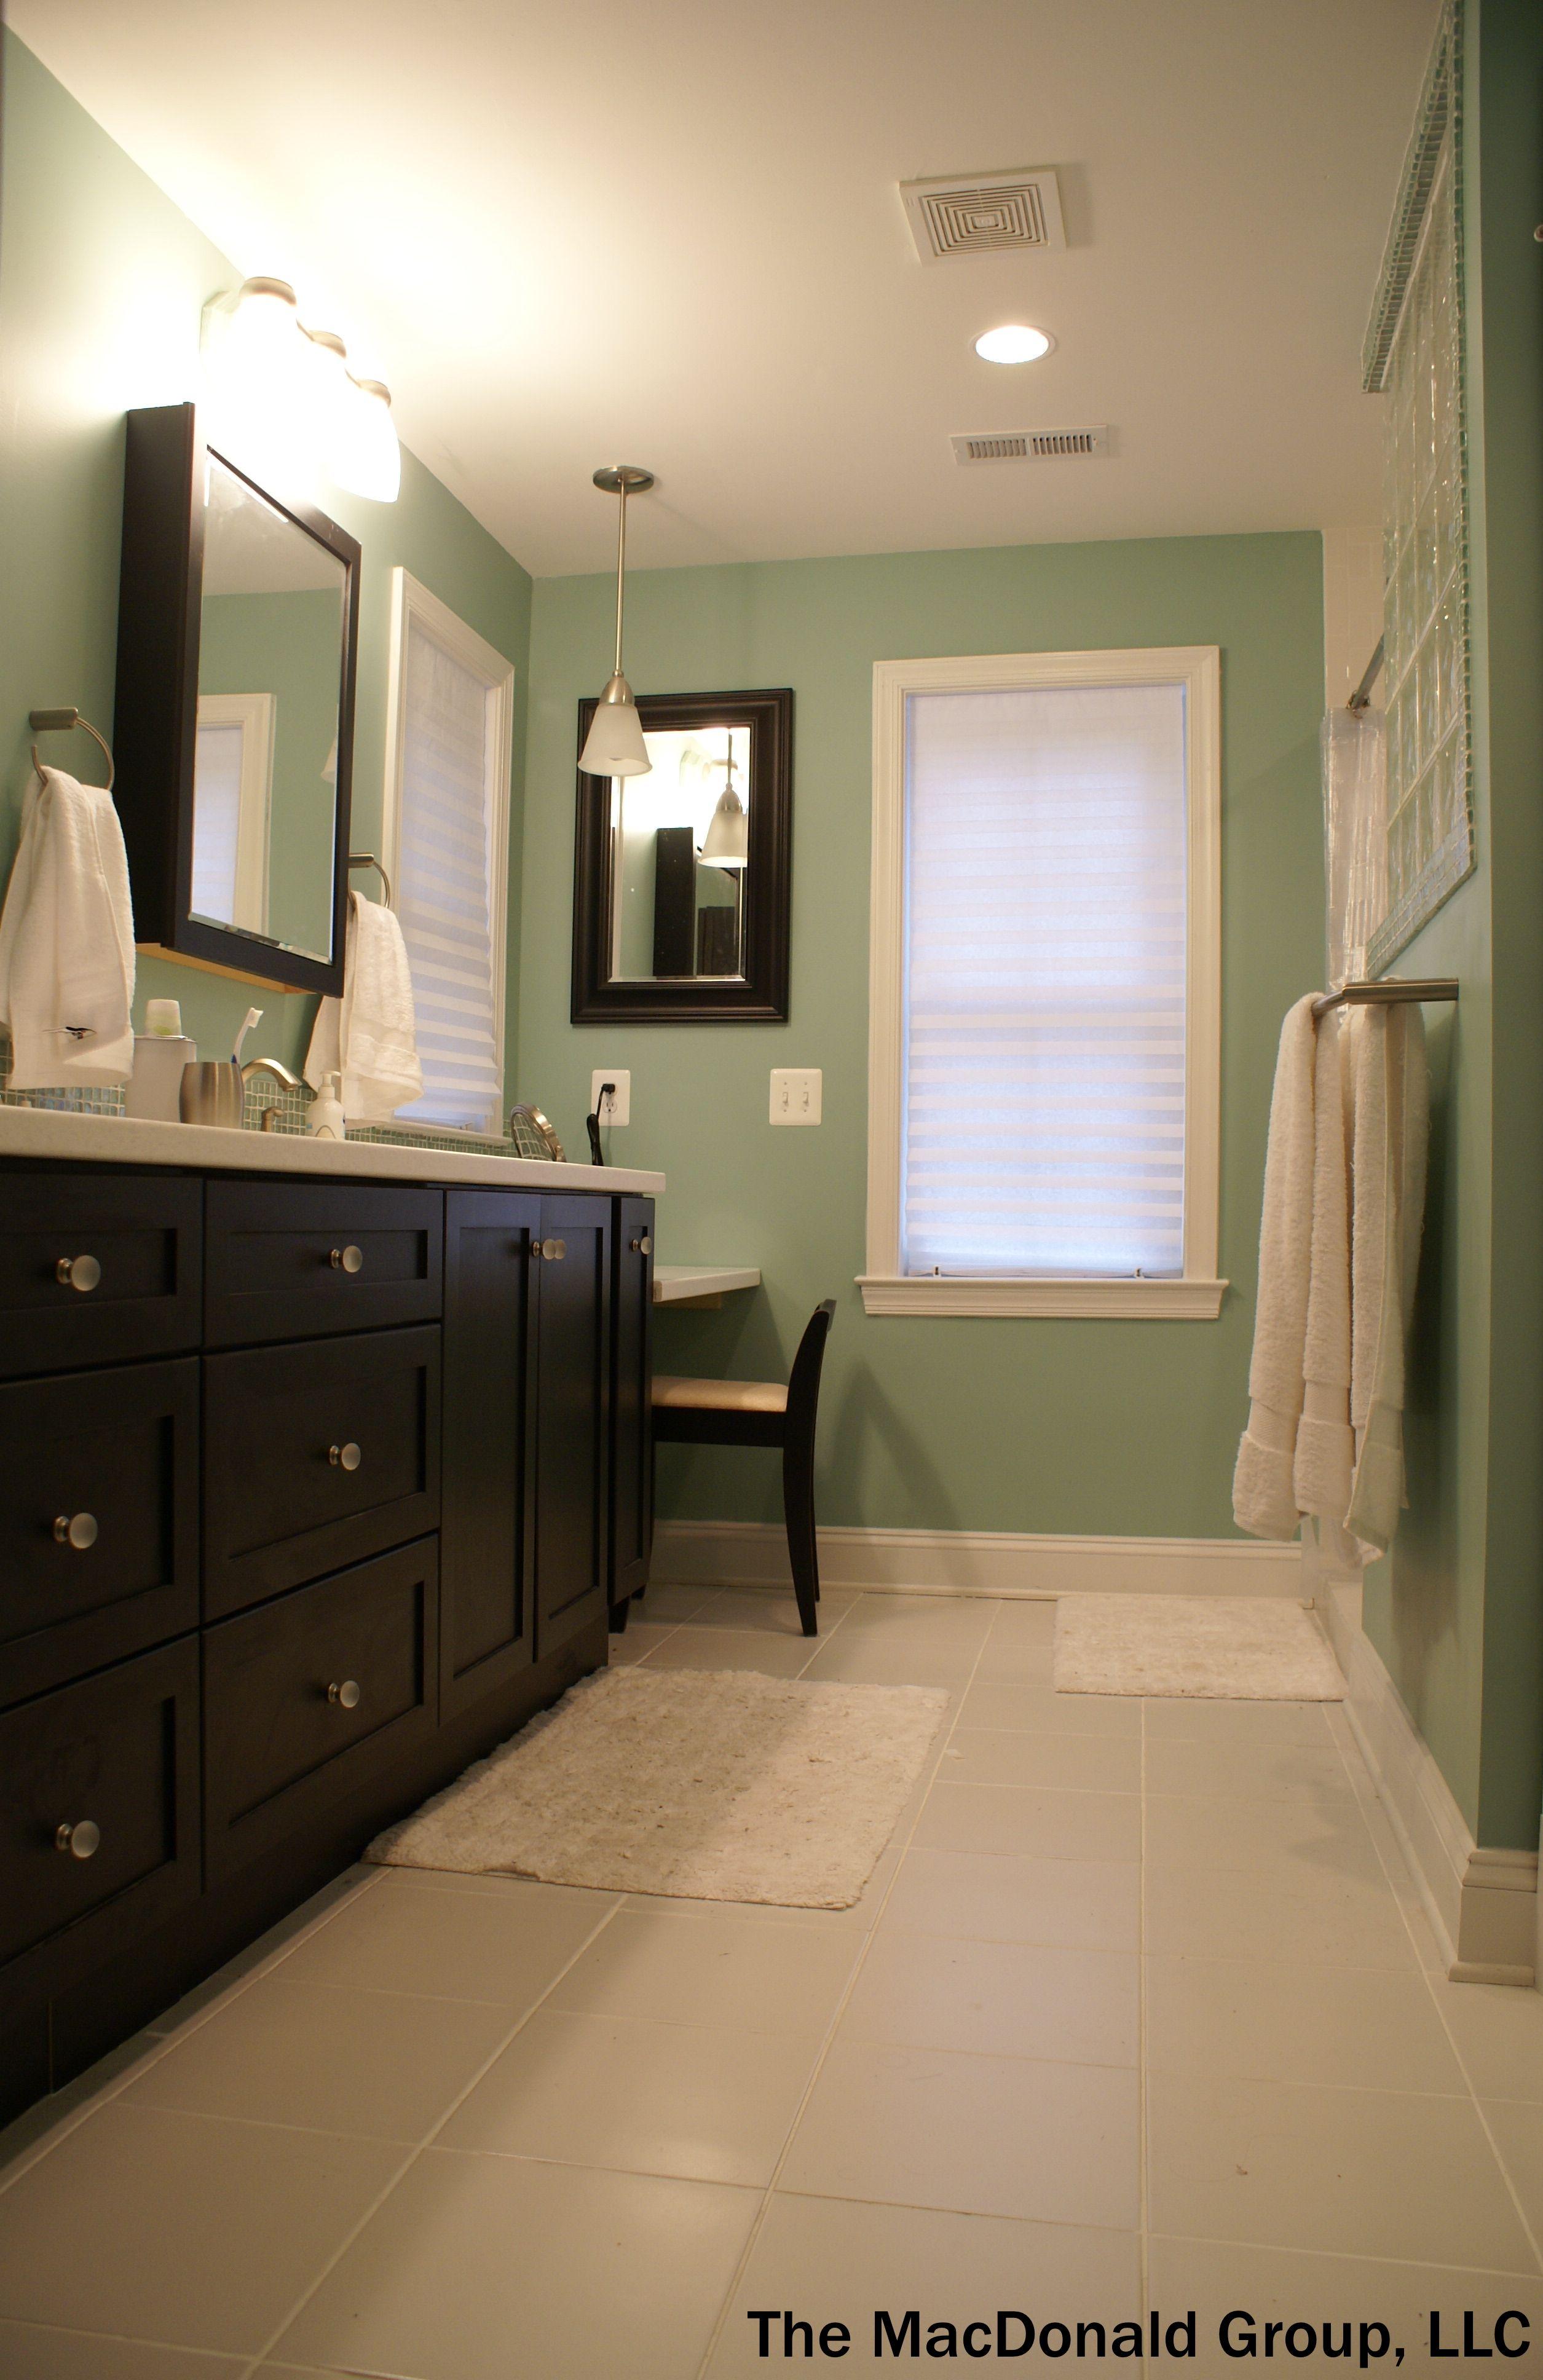 Bathroom Renovation Costs Cost To Redo Bathroom Bathroom